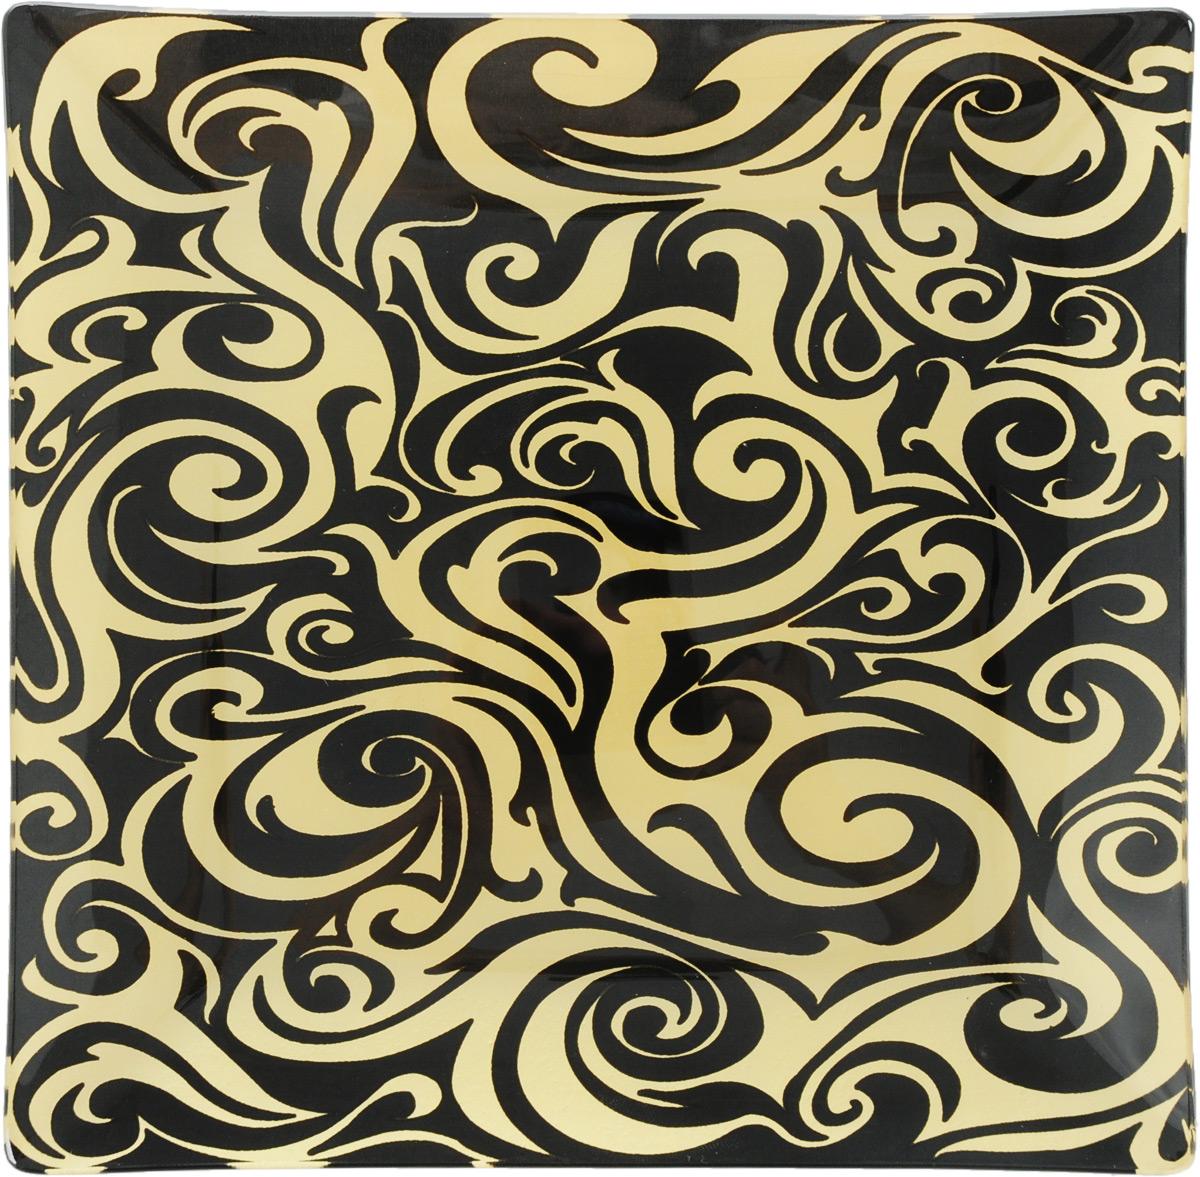 Тарелка Zibo Shelley Золотой орнамент, цвет: черный, диаметр 20 смZSS3108-4Квадратная тарелка Zibo Shelley Золотой орнамент, изготовленная из высококачественного стекла, декорирована ярким узором. Она не только украсит сервировку вашего стола и подчеркнет прекрасный вкус хозяйки, но и станет отличным подарком. Можно использовать в посудомоечной машине. Размер тарелки (по верхнему краю): 20 х 20 см. Высота: 2 см.